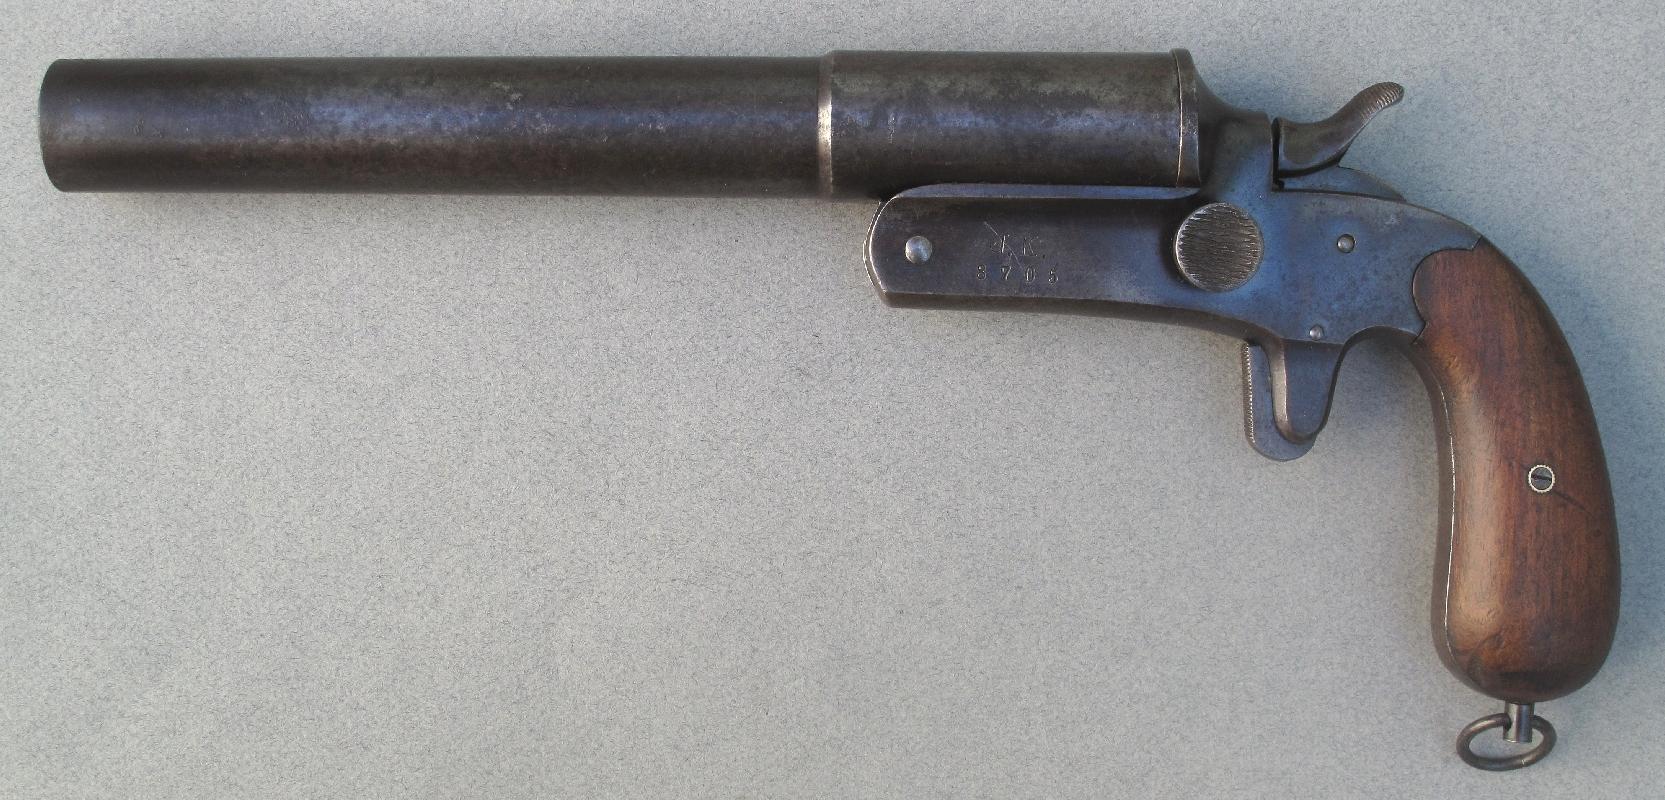 Le pistolet signaleur allemand modèle Druckknopf bénéficie d'une conception plus simple permettant d'abaisser les coûts de production.